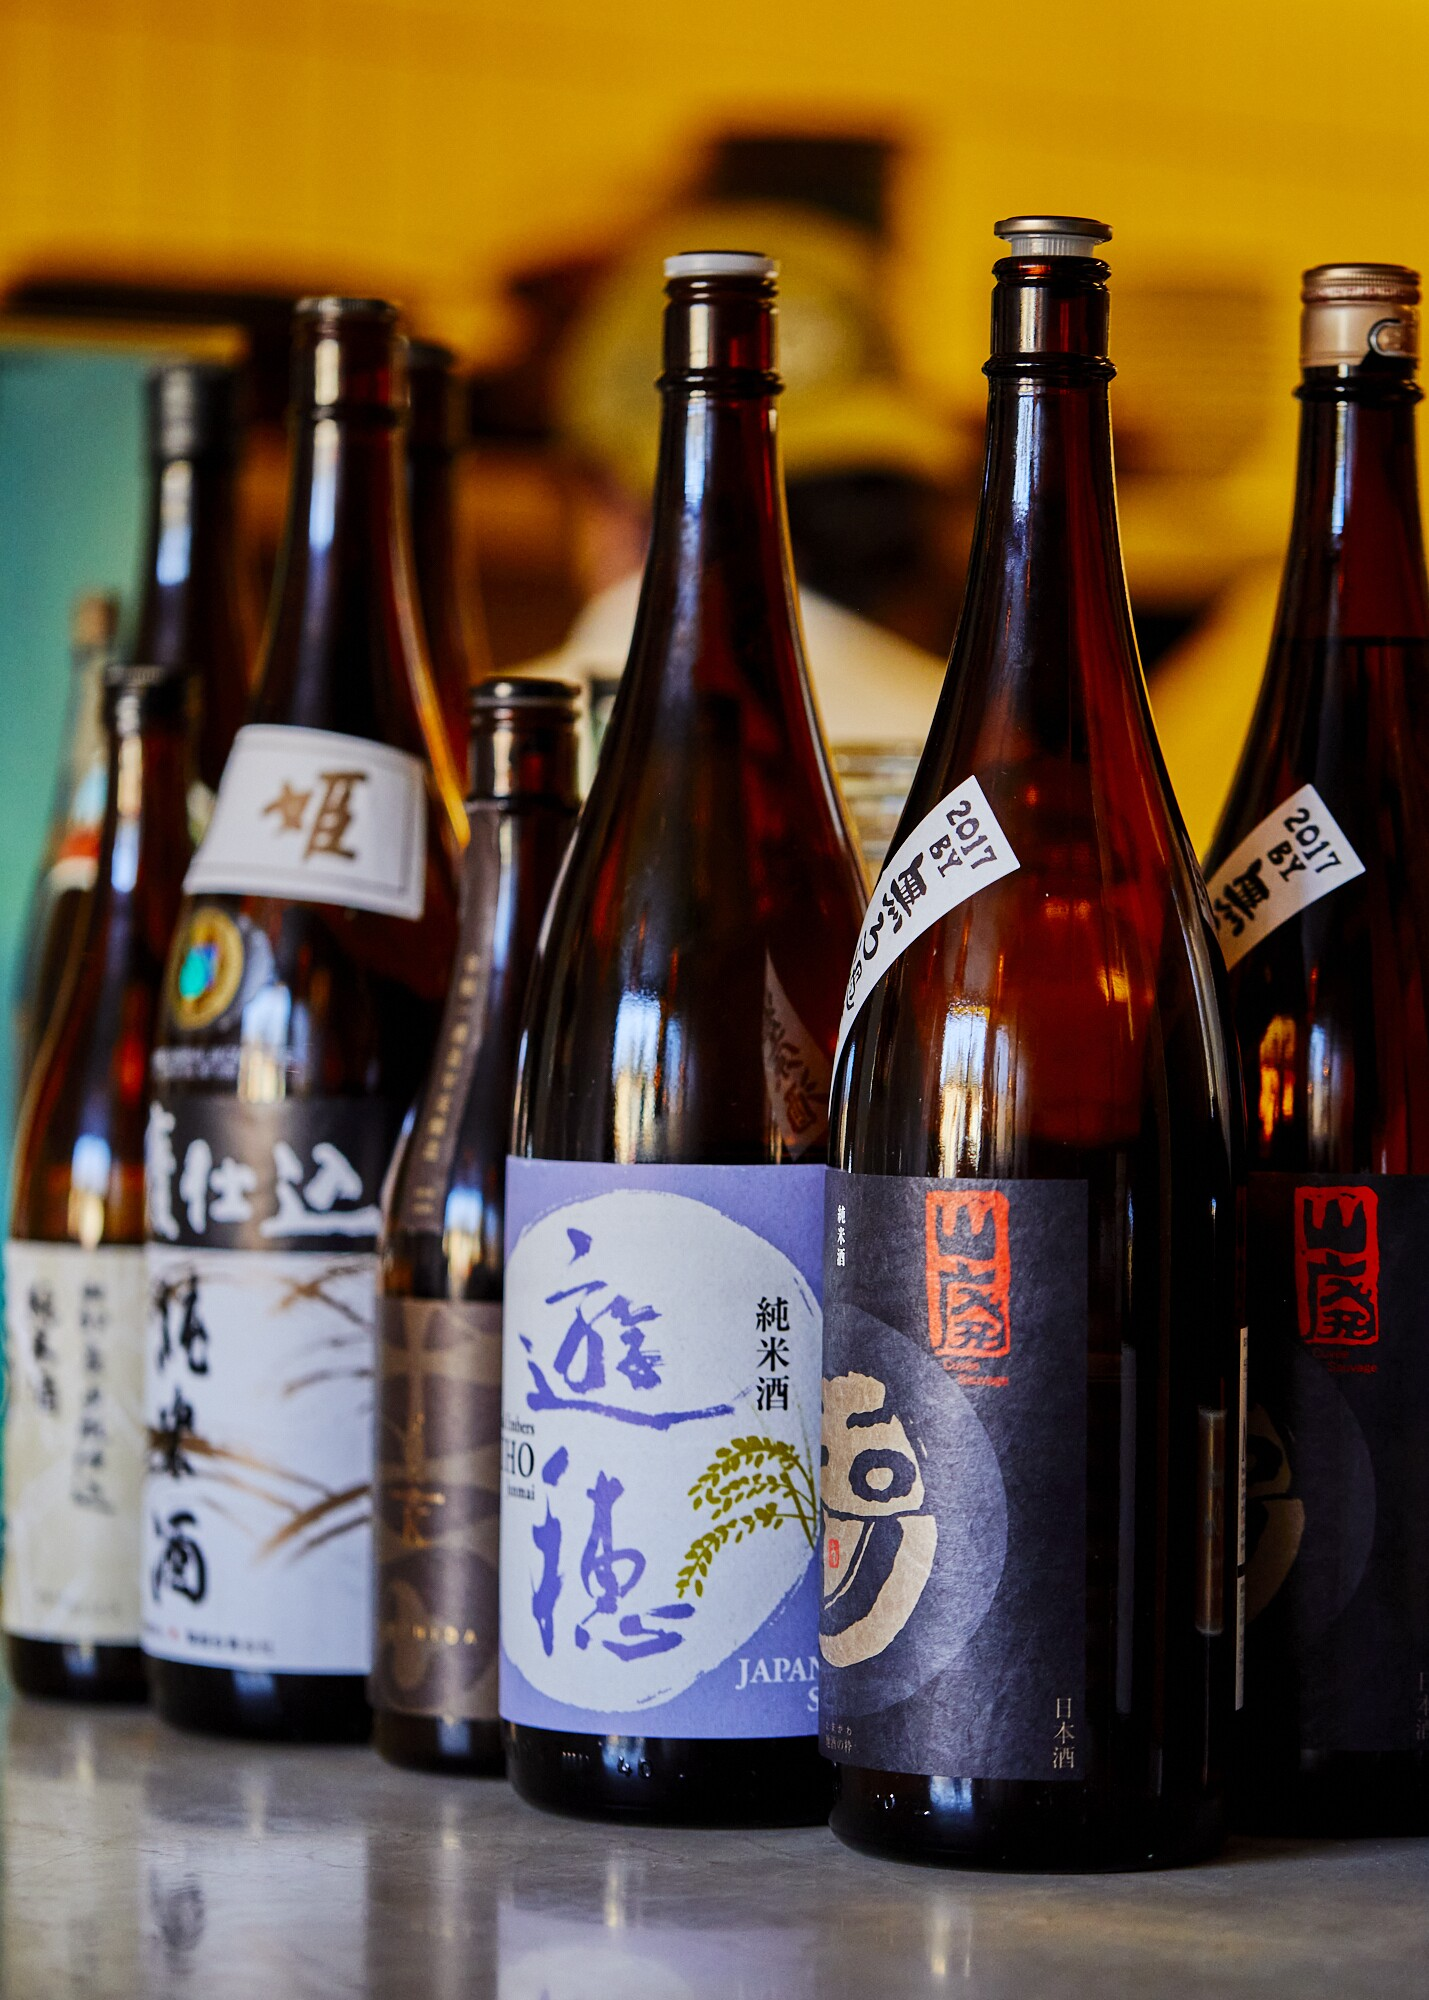 A selection of sake bottles set side by side.